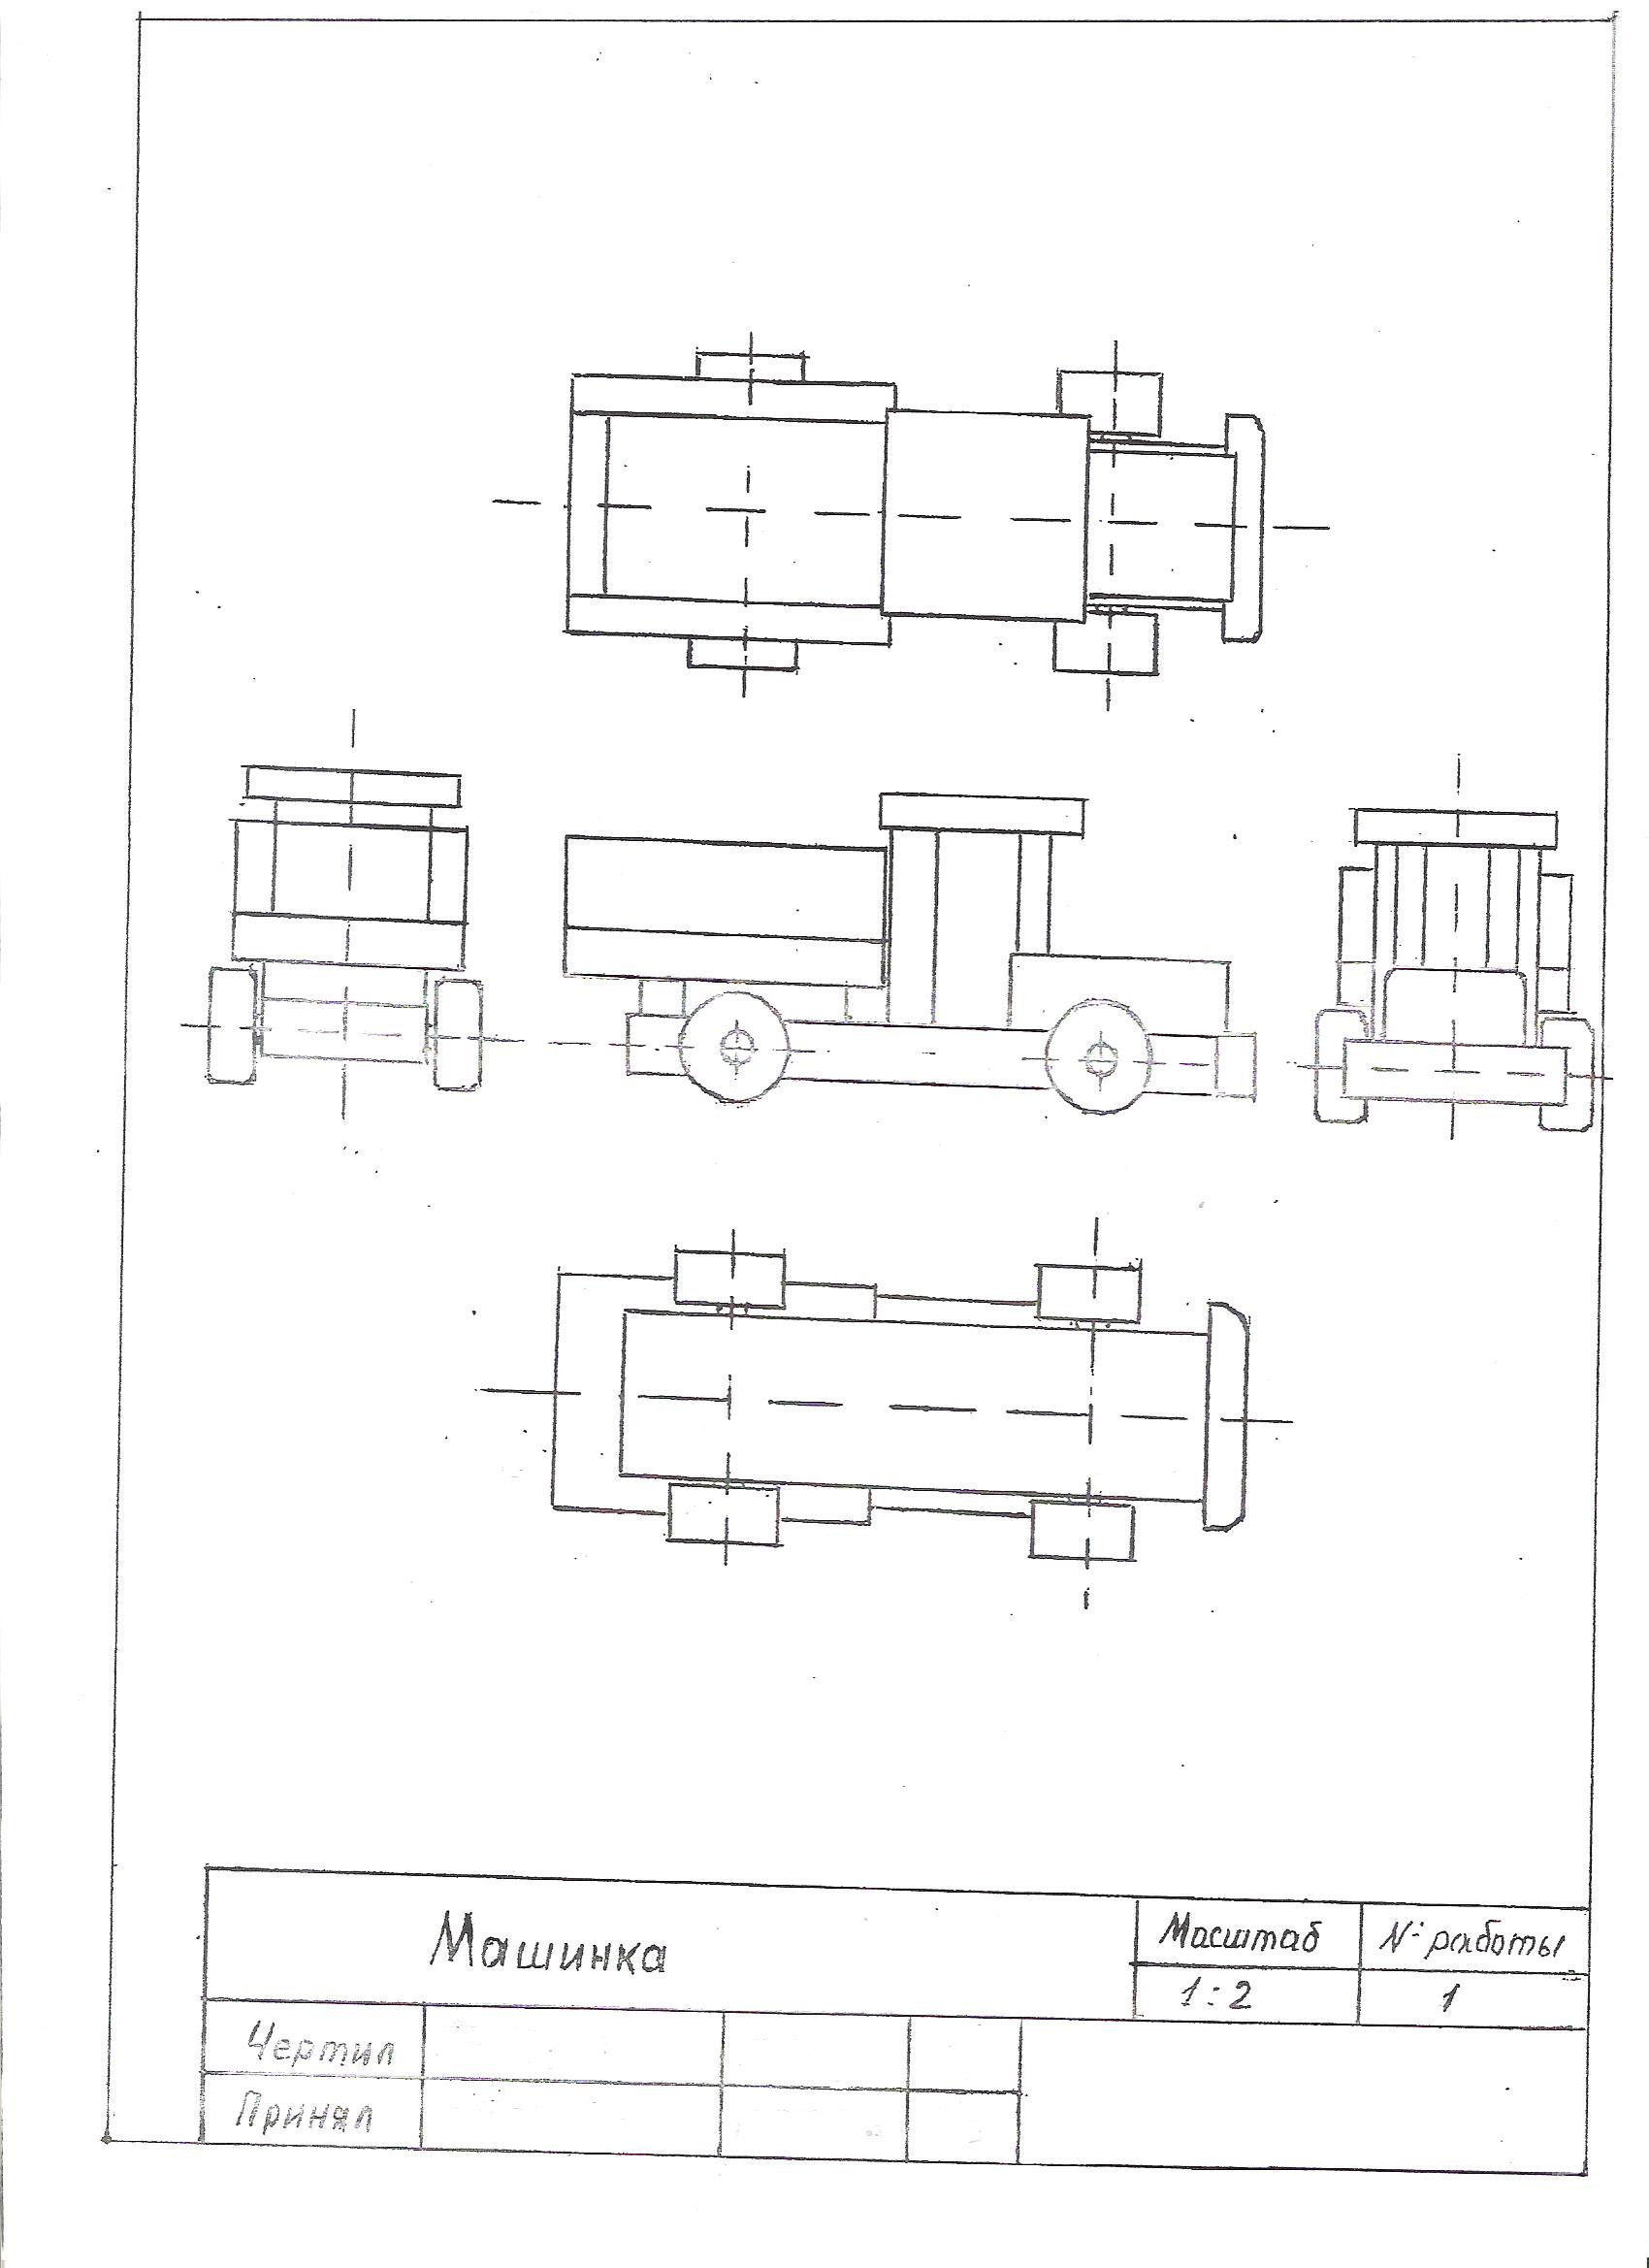 K:\Технологическая карта изготовления машинки. Близнюк В.Ю\1.jpeg